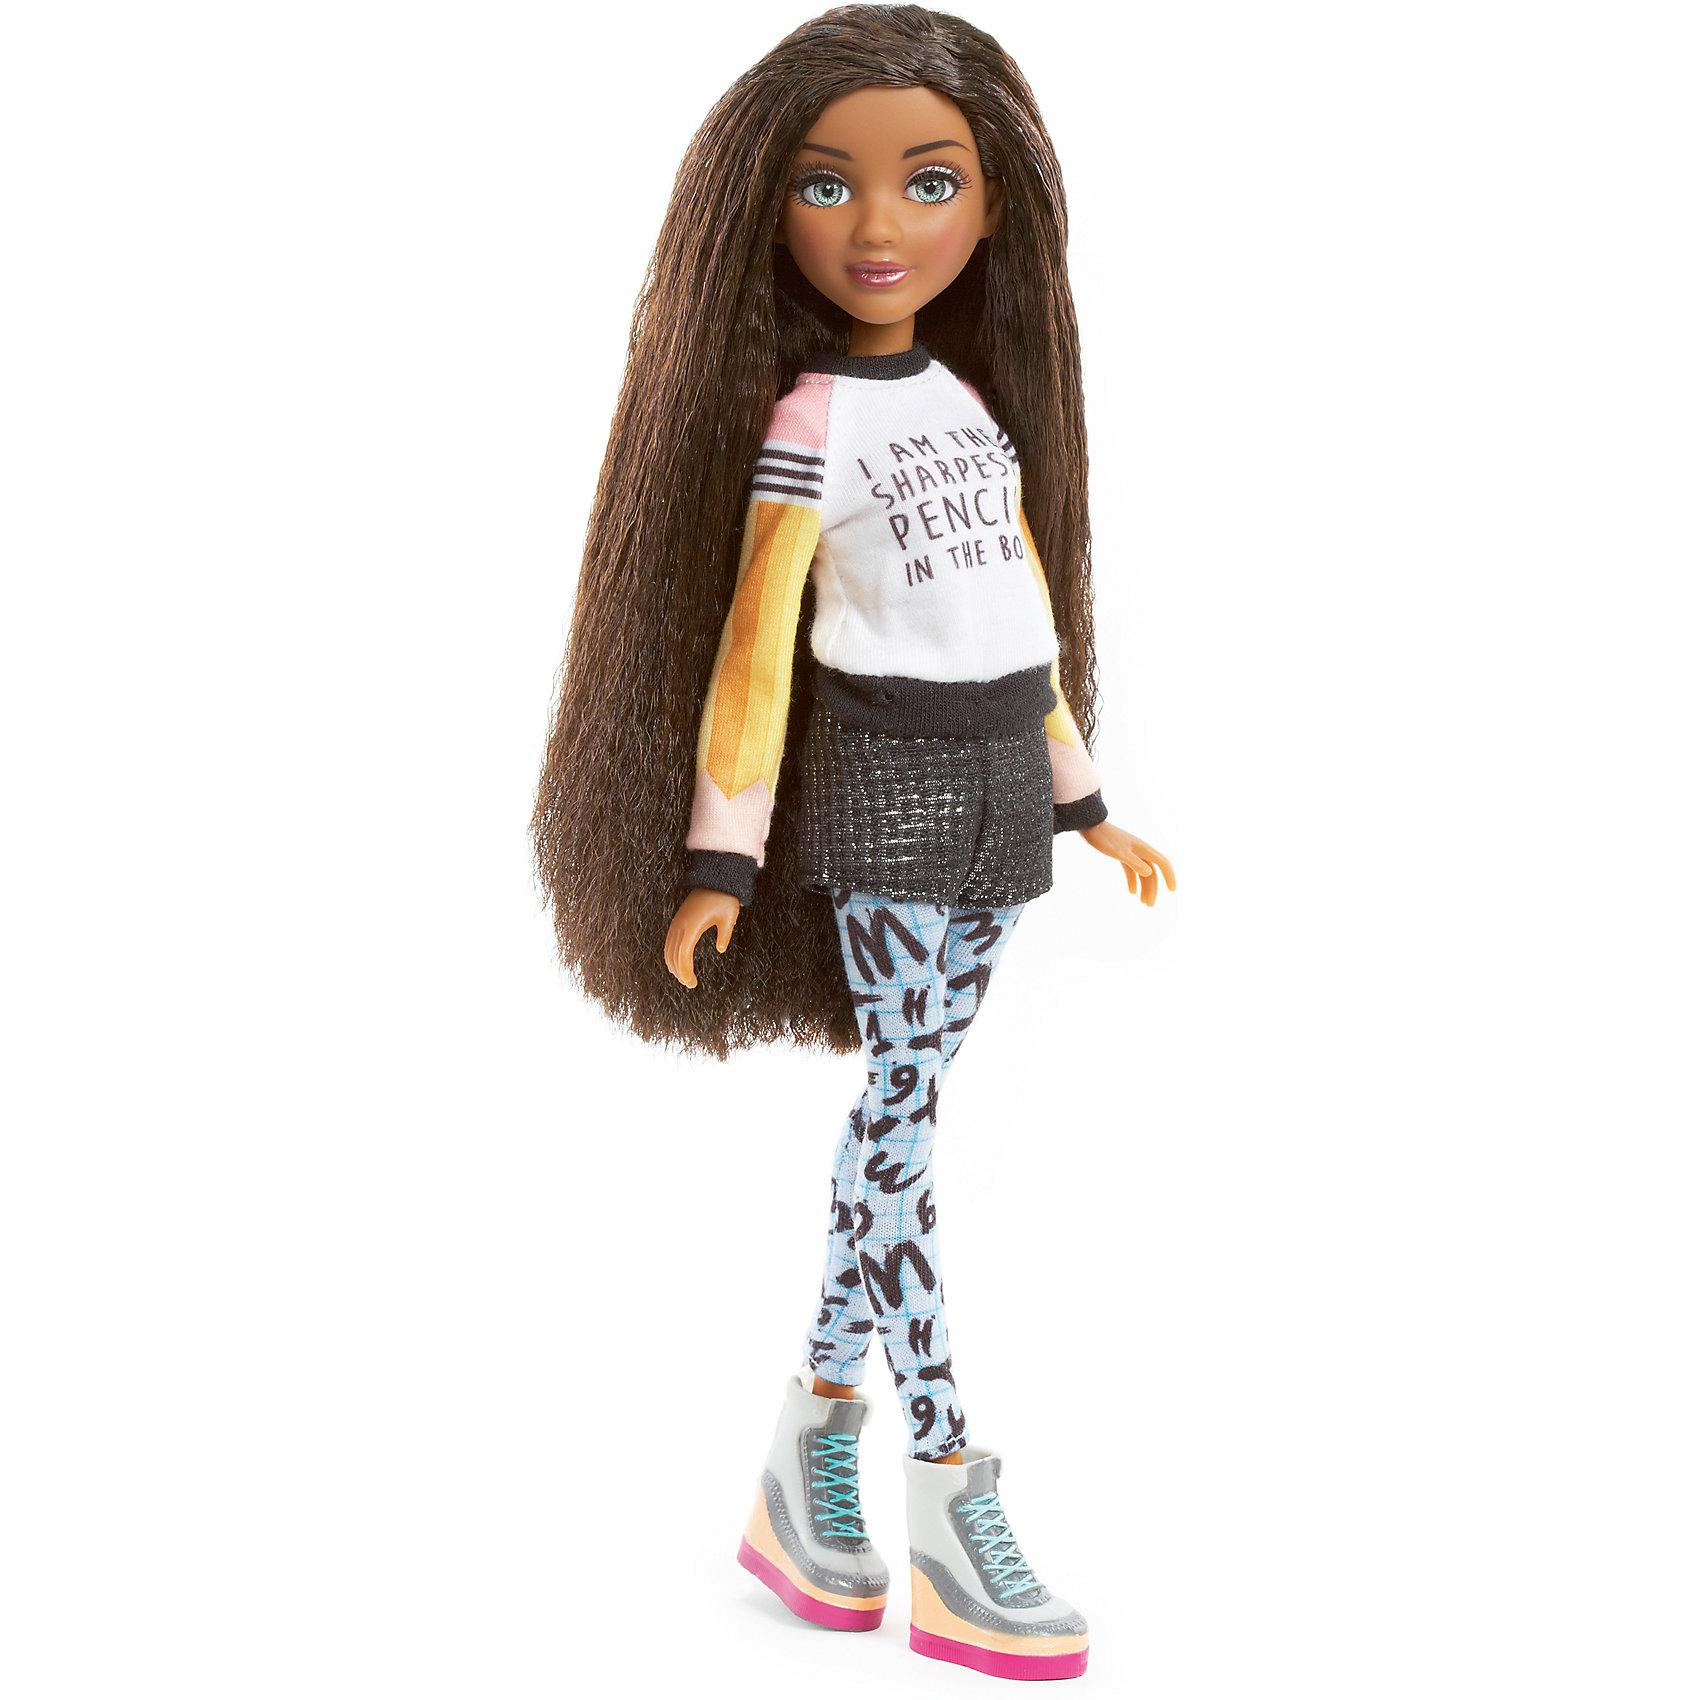 Базовая кукла Брайден, Project MС2Базовая кукла Брайден, Project MС2 (Проджект МСи2).<br><br>Характеристики:<br><br>• Размер куклы - 30 см.<br>• Вес: 0,2 кг.<br>• В комплекте: кукла, расческа.<br>• Материал: пластик, текстиль.<br>• Подвижные суставы: бедра, плечи, шея.<br><br>Кукла Брайден – это героиня популярного сериала «Project MС2»,девизом которого является «Быть умной – модно!». Куколка  одета в стильный повседневный наряд. На ней джемпер с надписью и короткие шортики «под кожу» и лосины с ярким принтом. Законченный вид образу придают ботиночки с разноцветной платформой. Брайден темнокожая девушка. Длинные реснички, очень «живые» глазки и выразительные черты лица – придают кукле реалистичный вид. Роскошные, вьющиеся темные  волосы ваша девочка сможет расчесывать и укладывать в затейливые прически. Такая куколка станет желанным подарком для вашей девочки!<br><br>Базовую куклу Брайден, Project MС2, можно купить в нашем интернет – магазине.<br><br>Ширина мм: 180<br>Глубина мм: 330<br>Высота мм: 70<br>Вес г: 370<br>Возраст от месяцев: 72<br>Возраст до месяцев: 2147483647<br>Пол: Женский<br>Возраст: Детский<br>SKU: 5163447